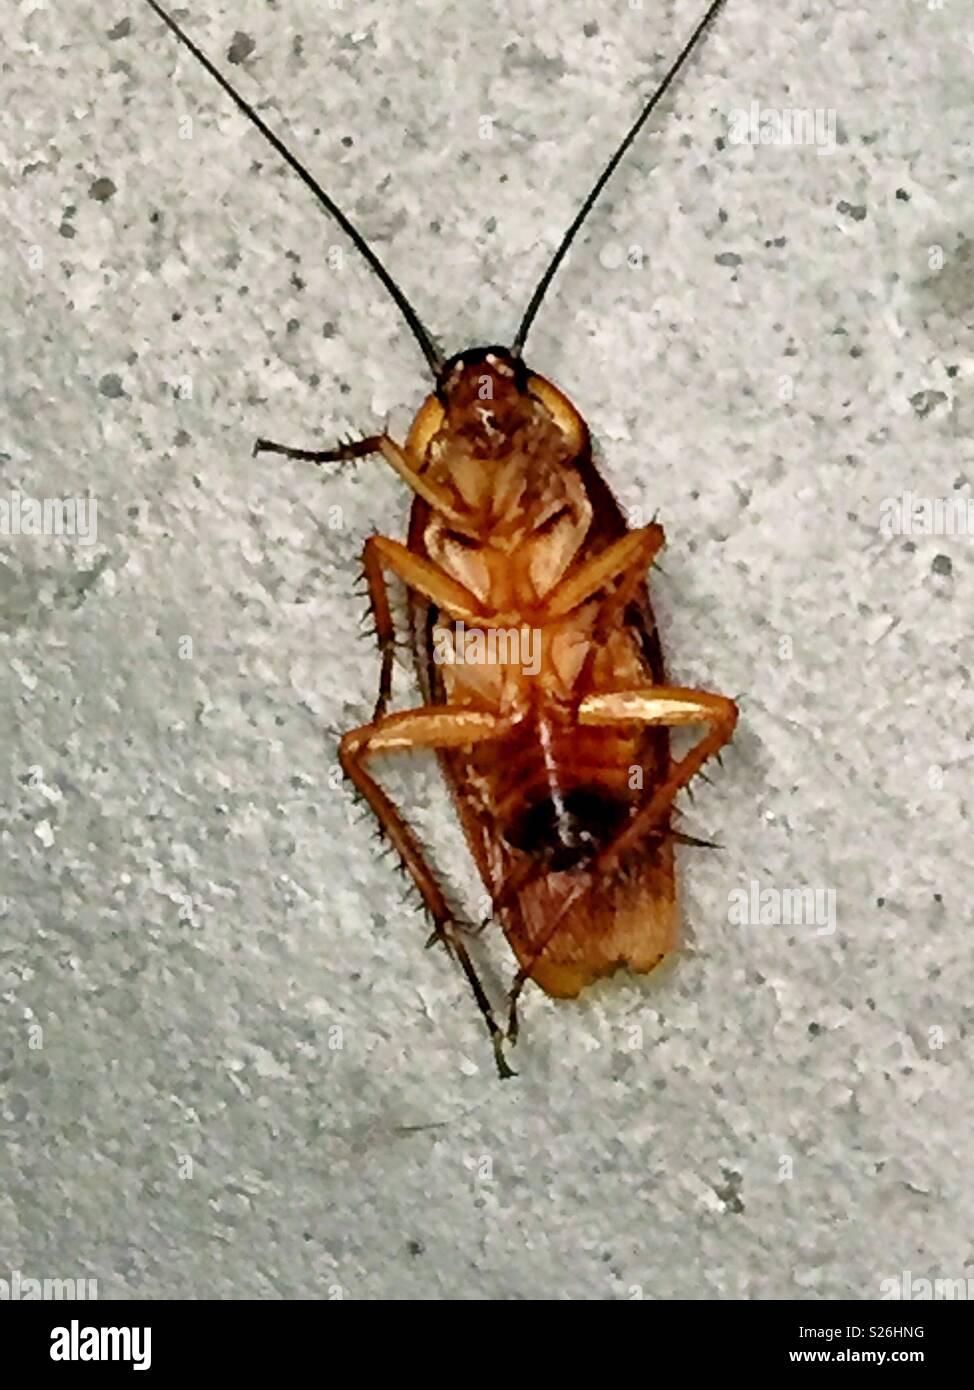 Eine tote Kakerlake auf einem Betonboden, USA Stockbild